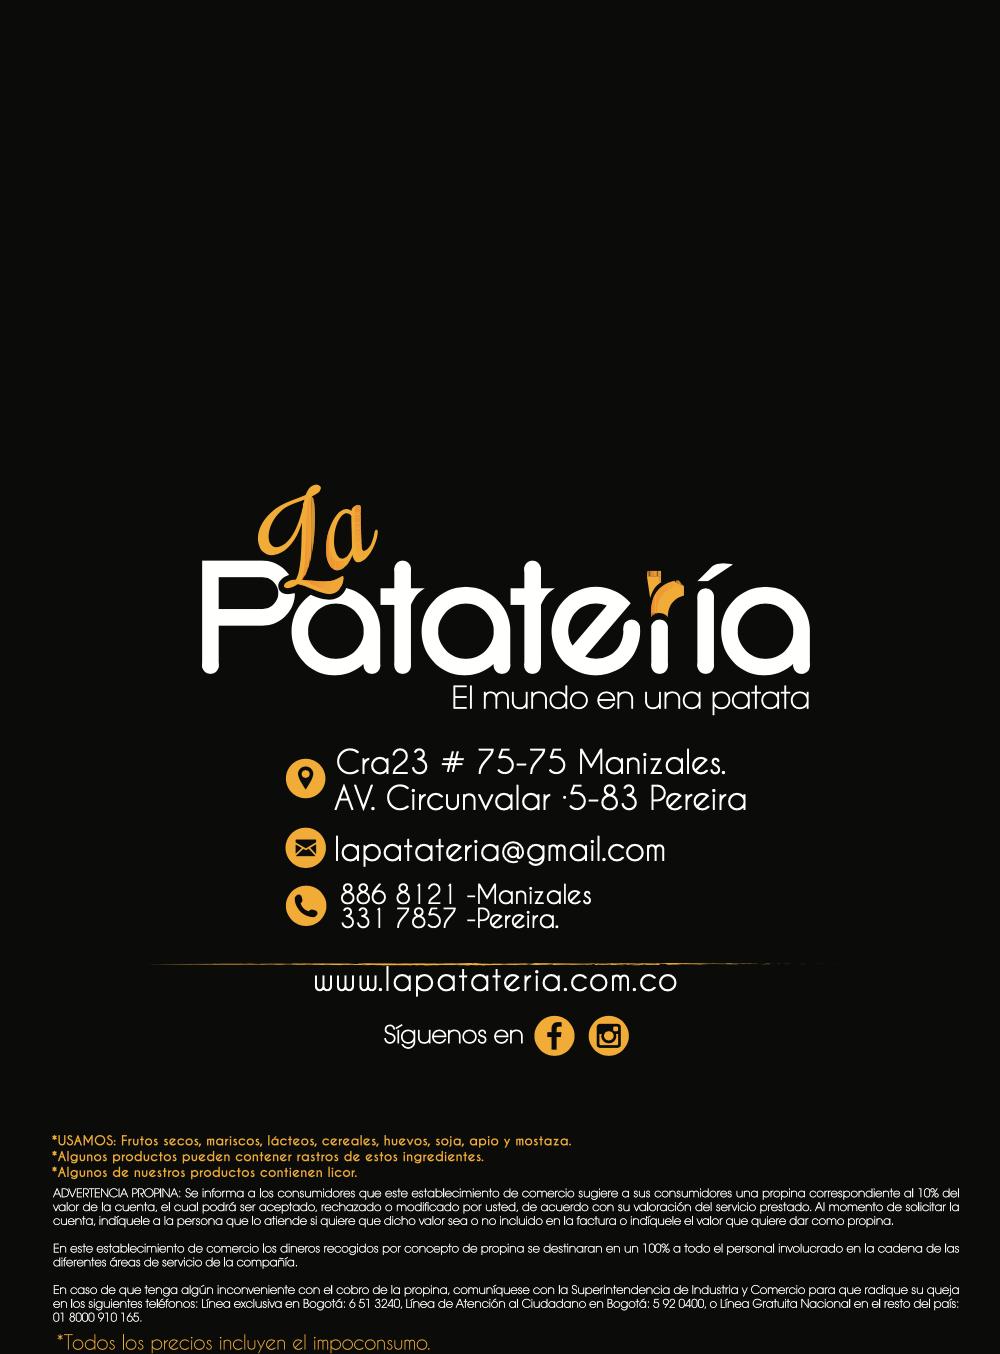 Captura de Pantalla 2021-07-29 a la(s) 6.12.17 p.m.